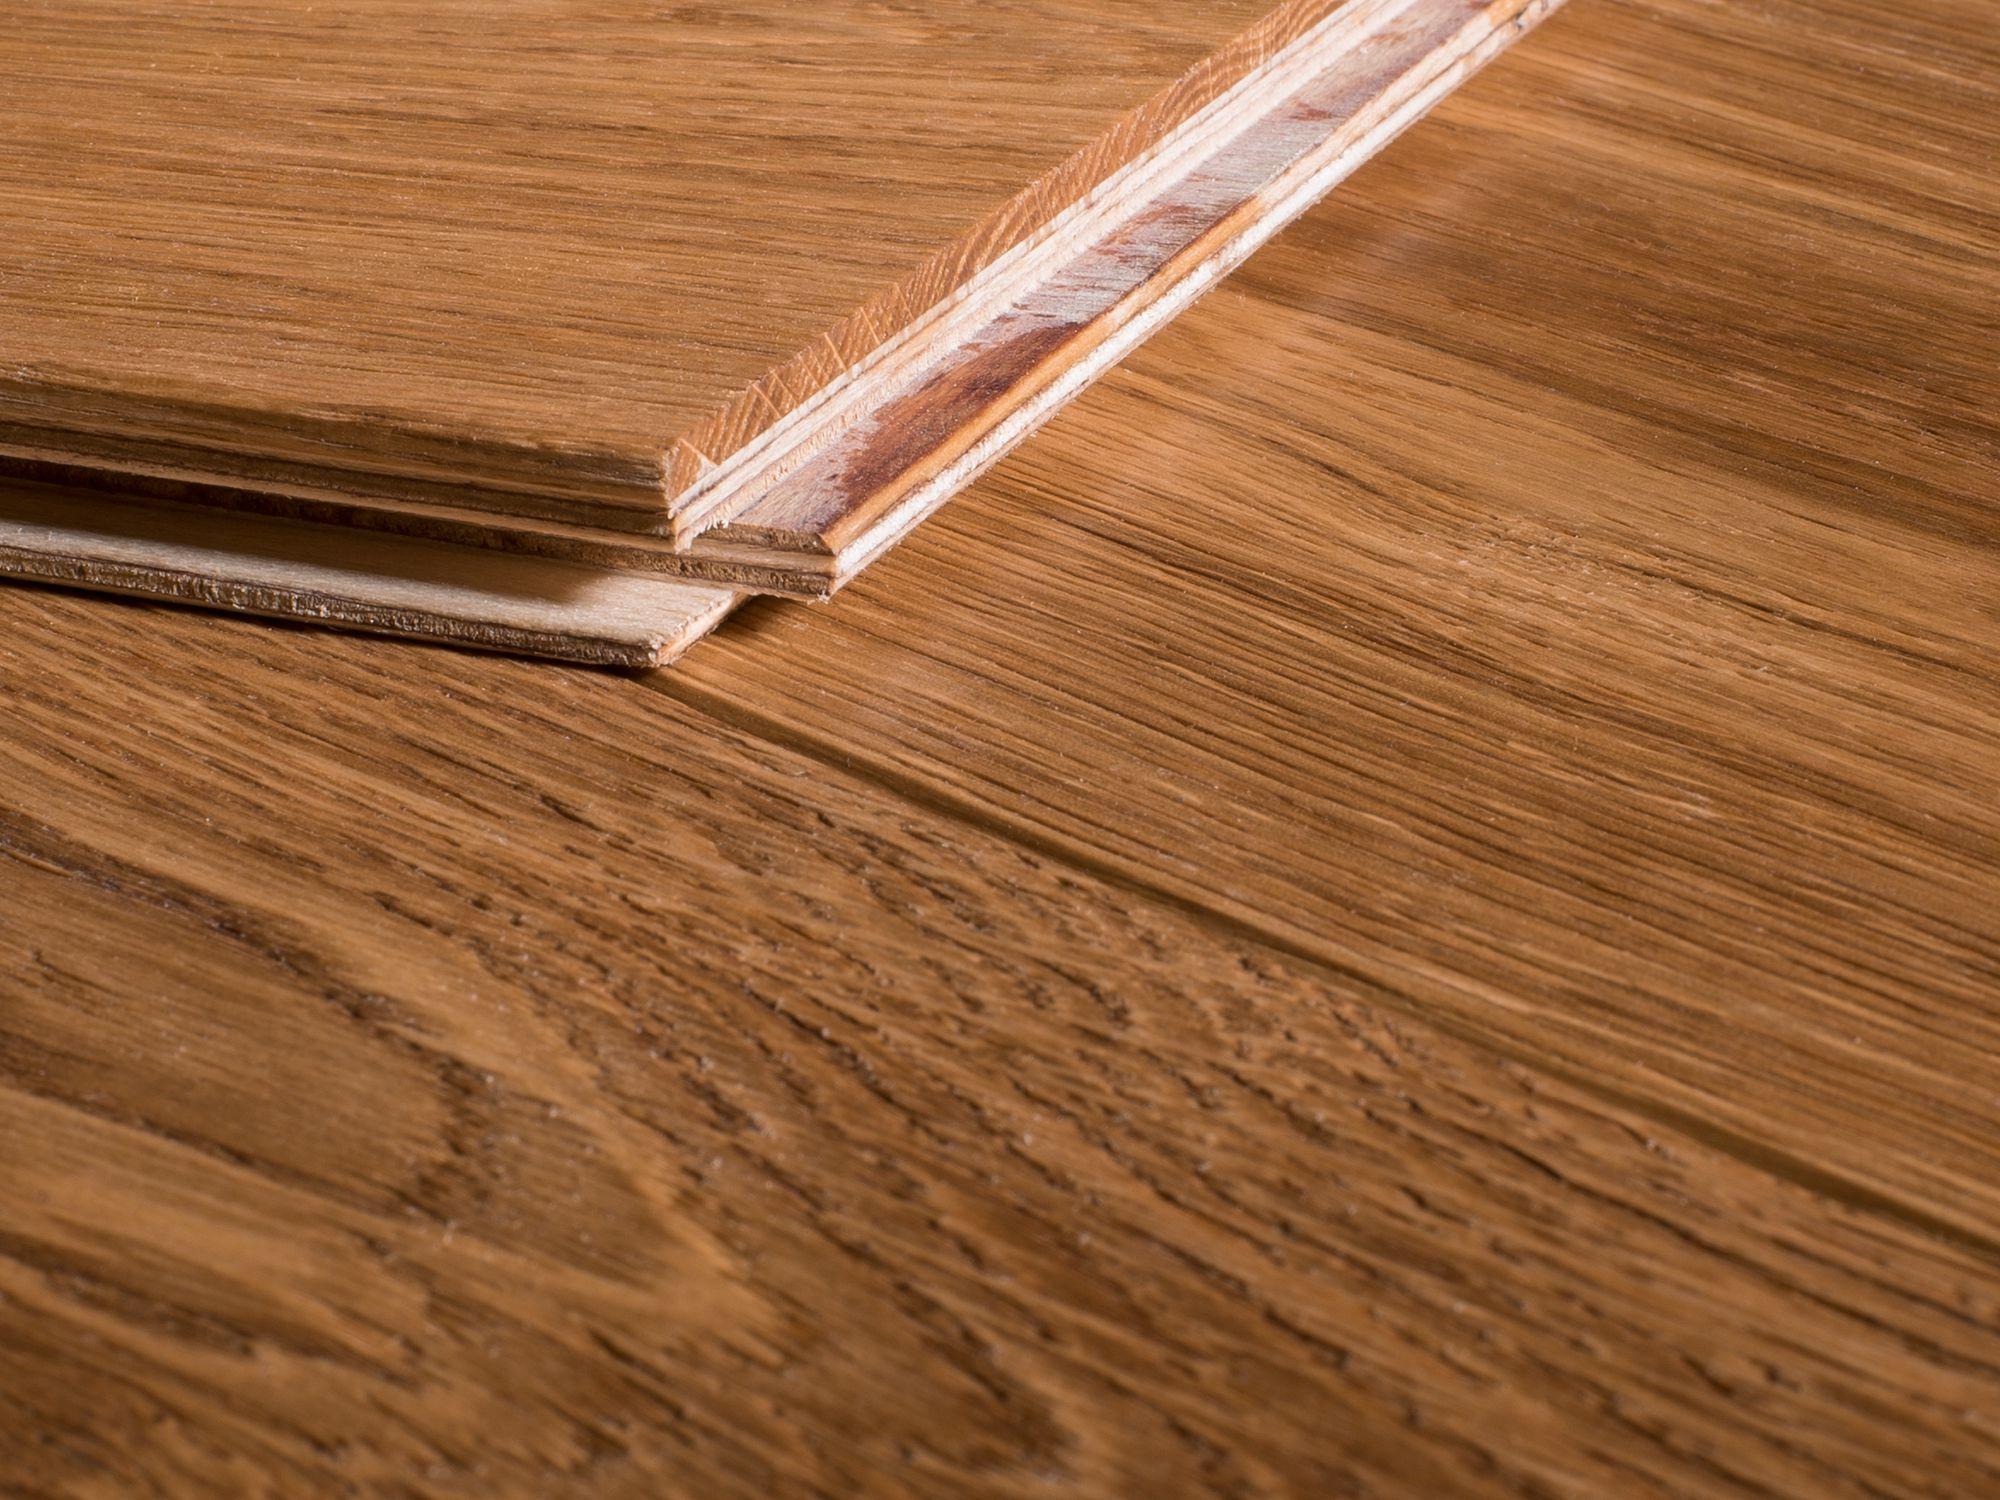 multiplank visgraat eiken geborsteld geolied parket vloer 12 cm